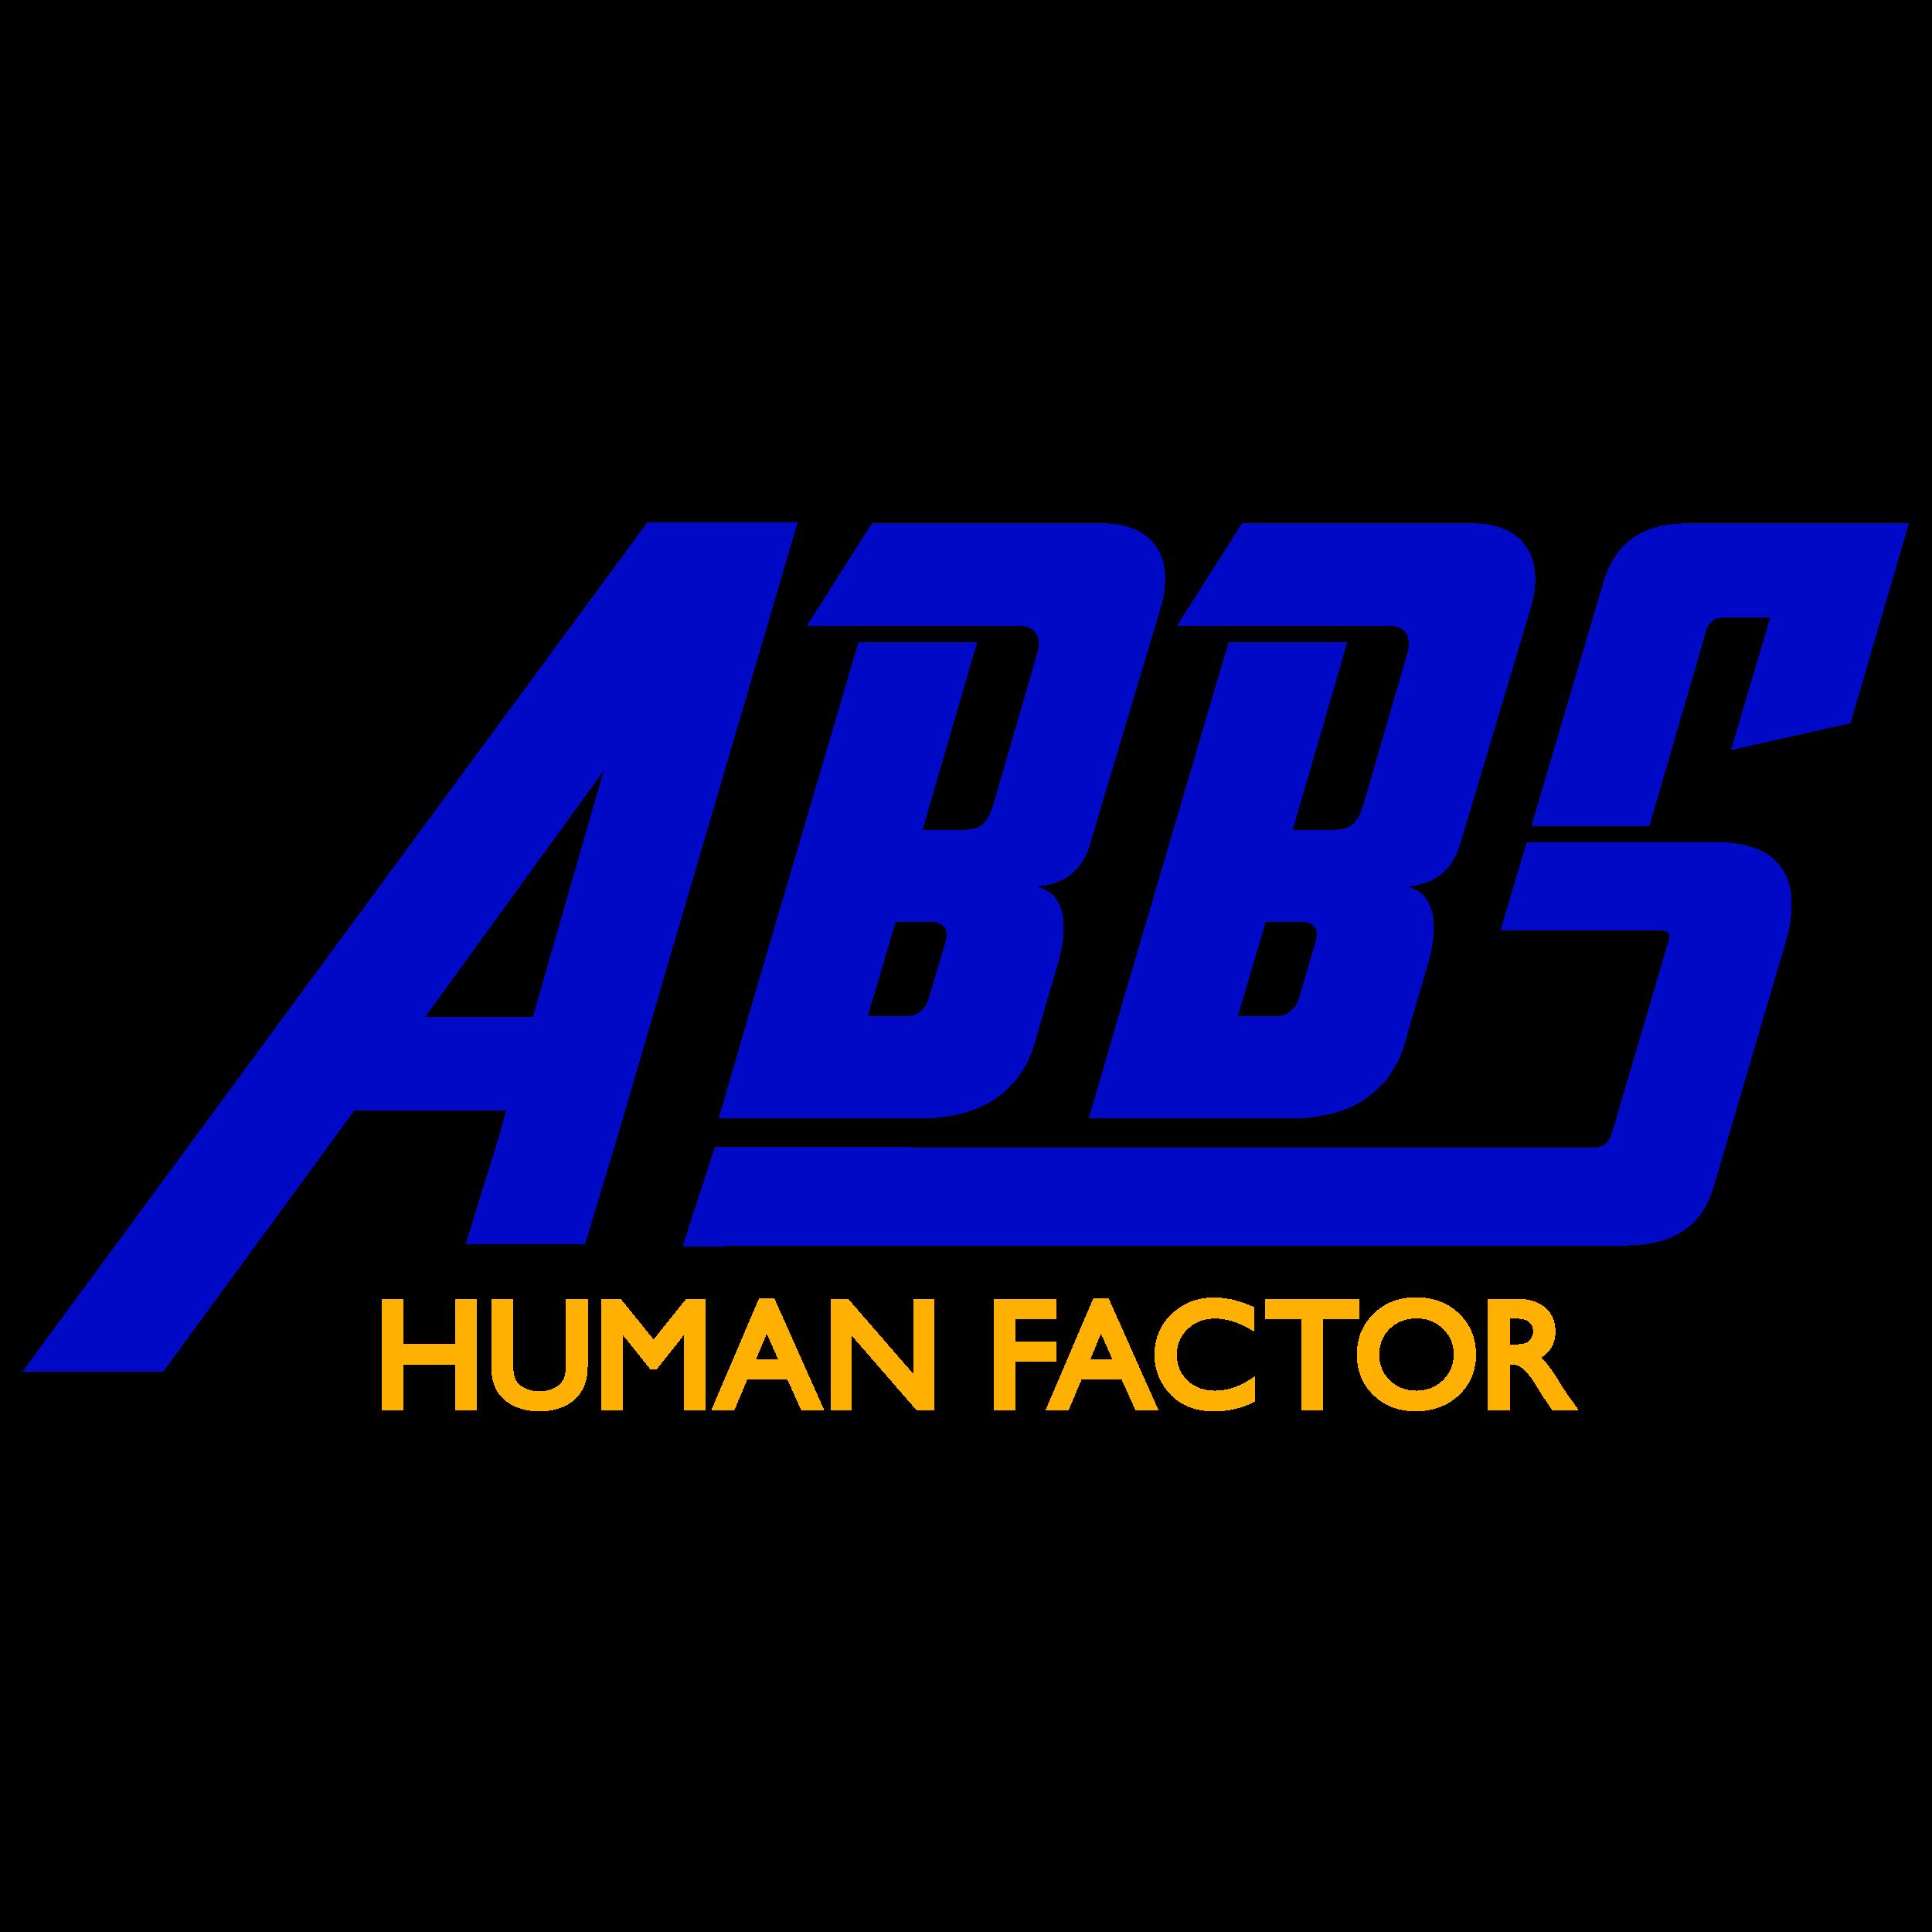 Centre ABBS Human Factor